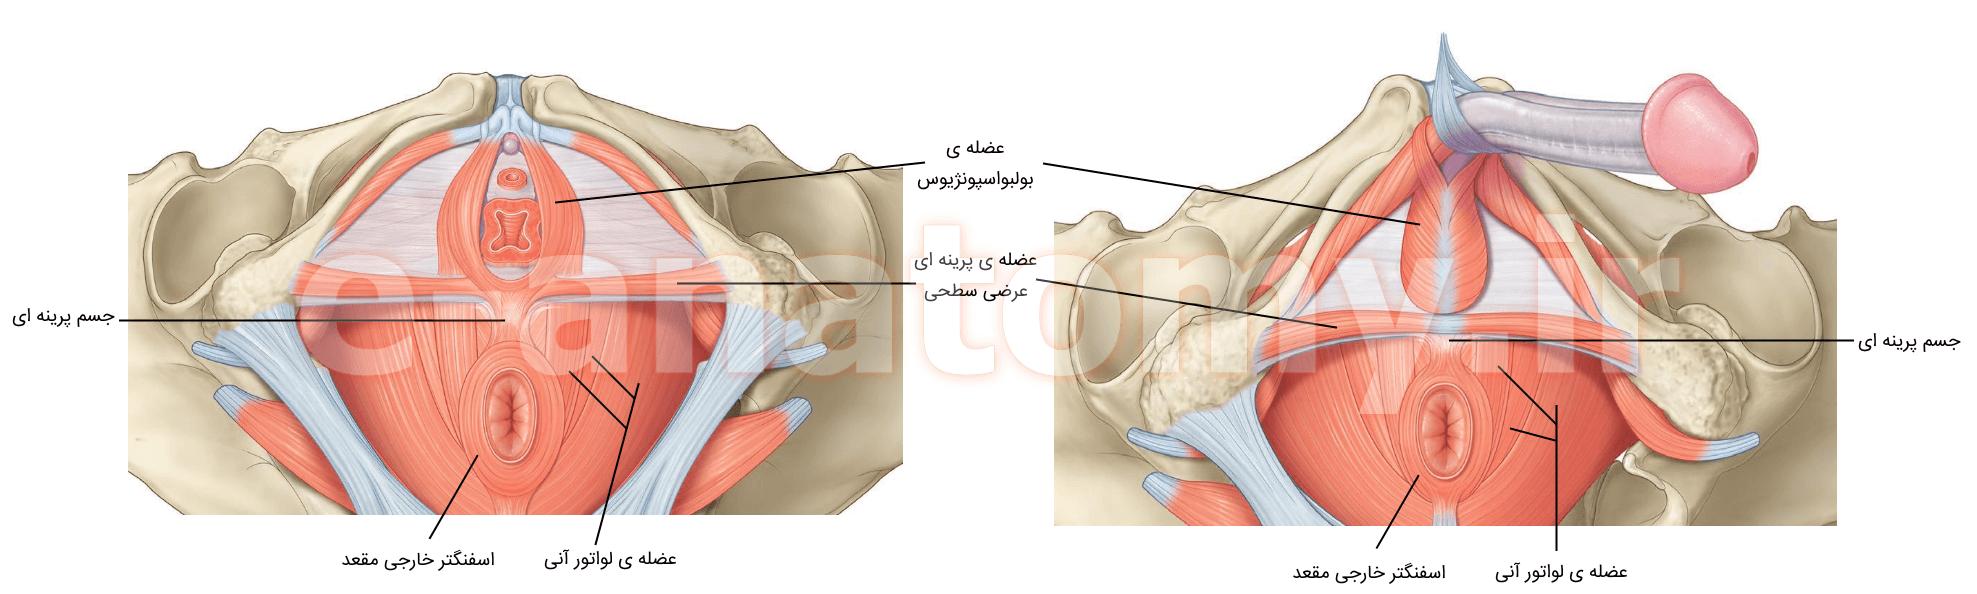 عضله هایی که به جسم پرینه ای متصل می شوند